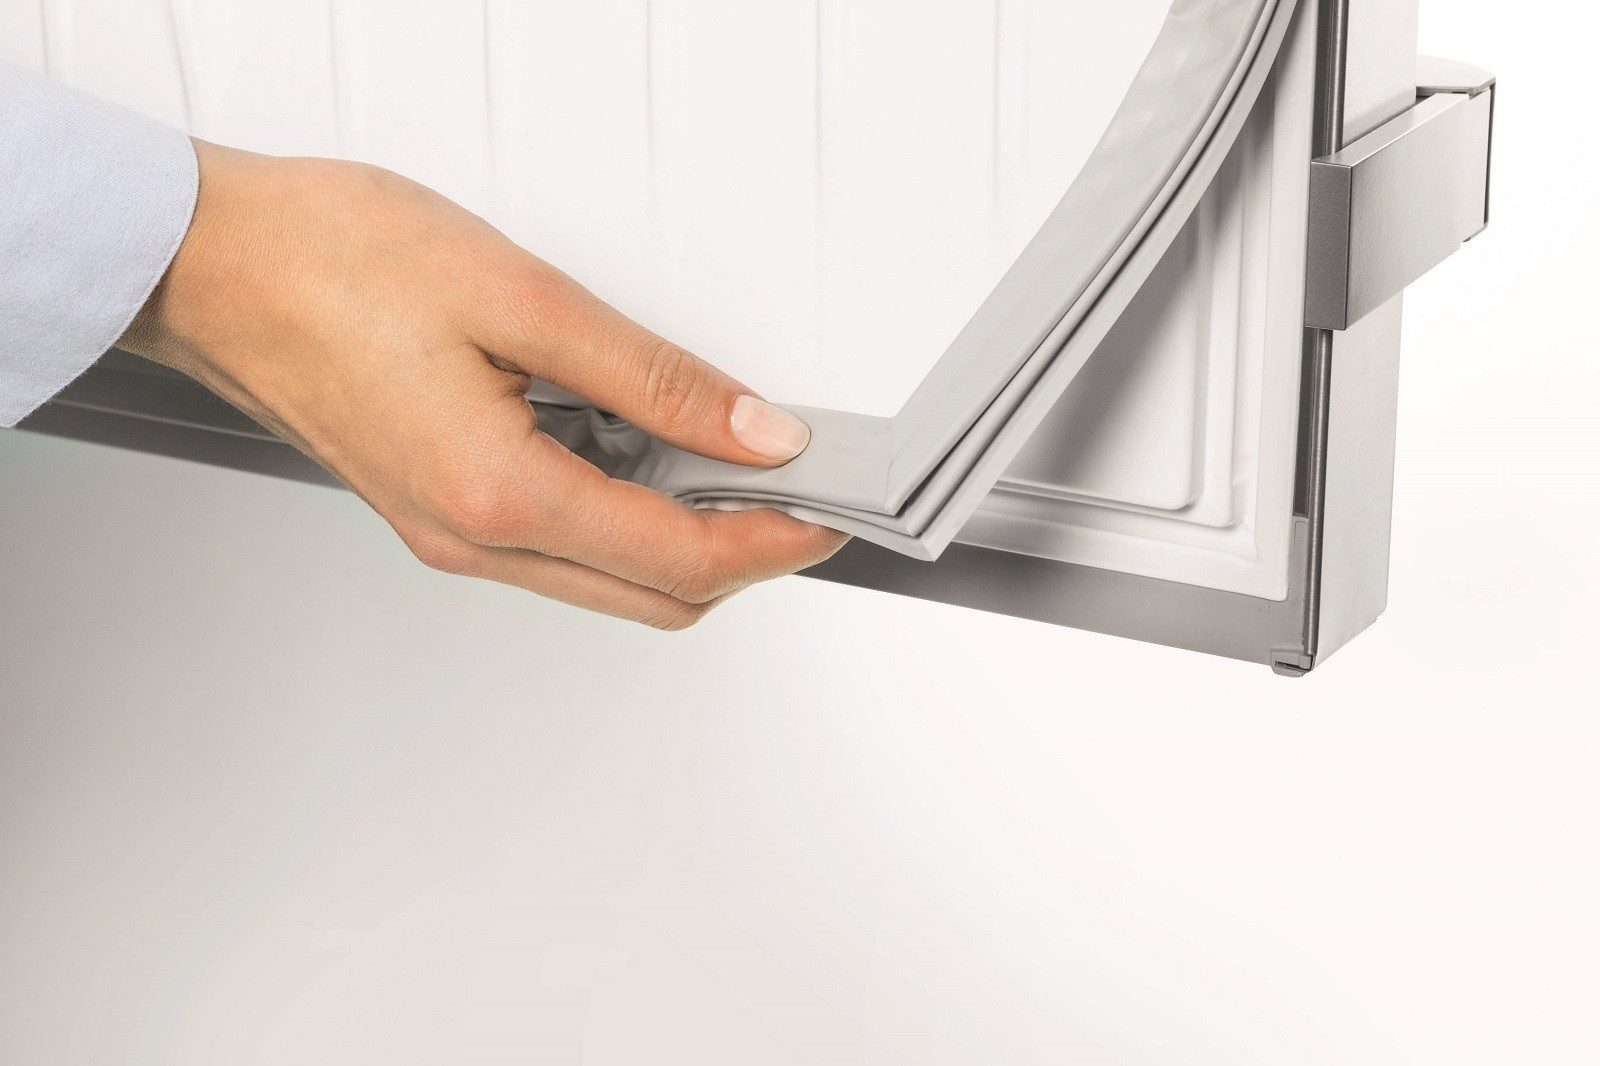 Замена уплотнителя в холодильнике: как самостоятельно поменять и установить на холодильник